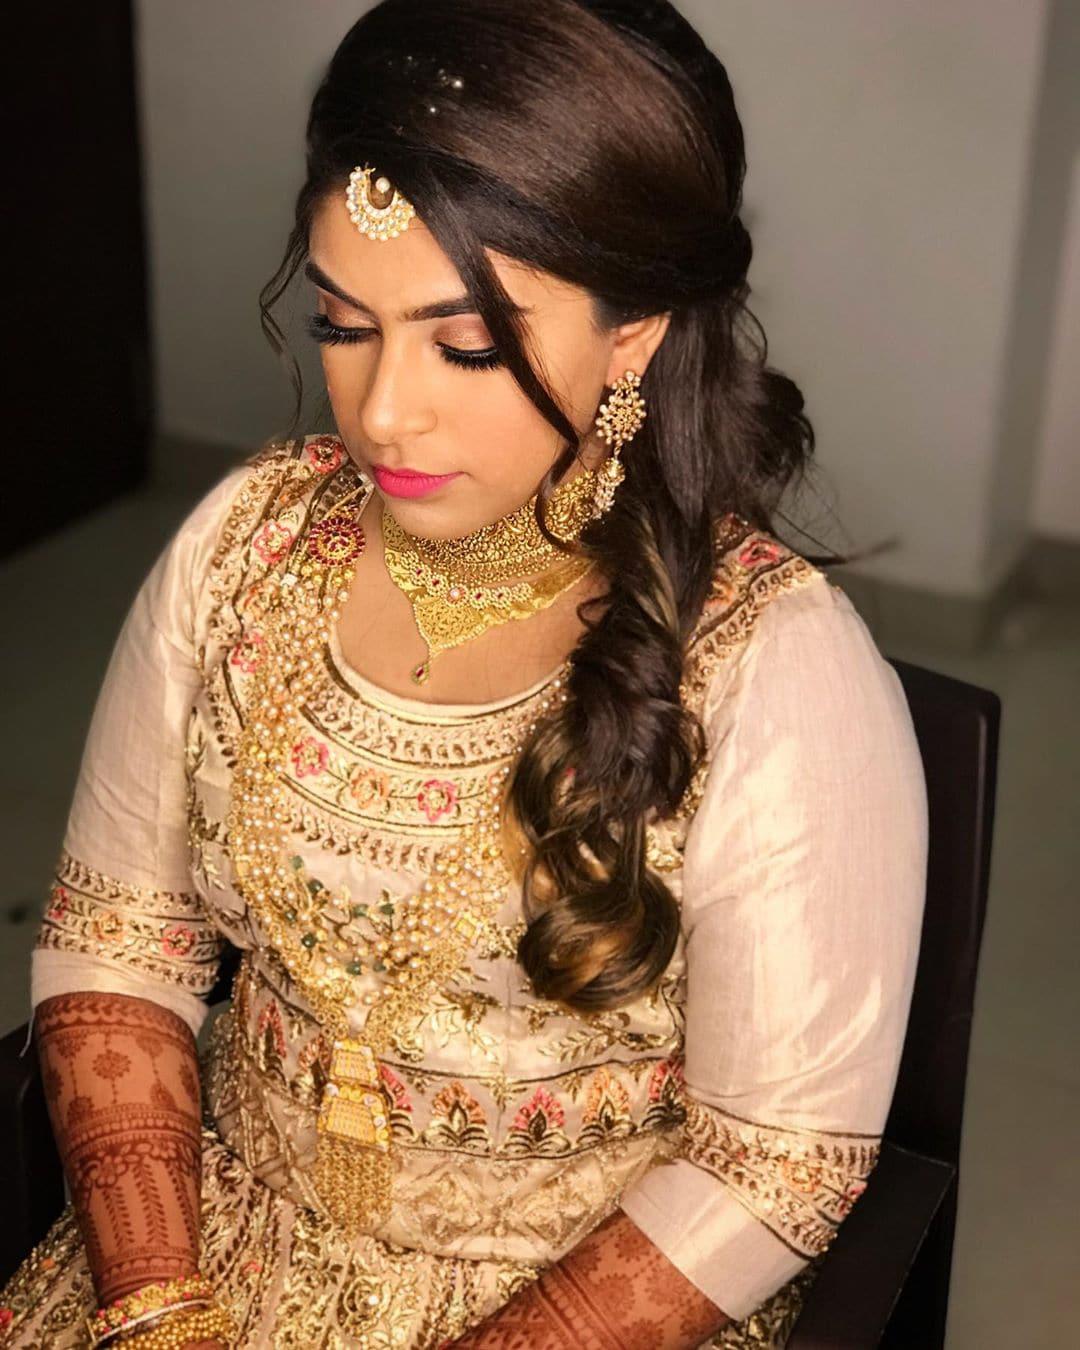 నహిదా బ్రైడల్ మేకోవర్ (credit - insta - nahidas_blush)